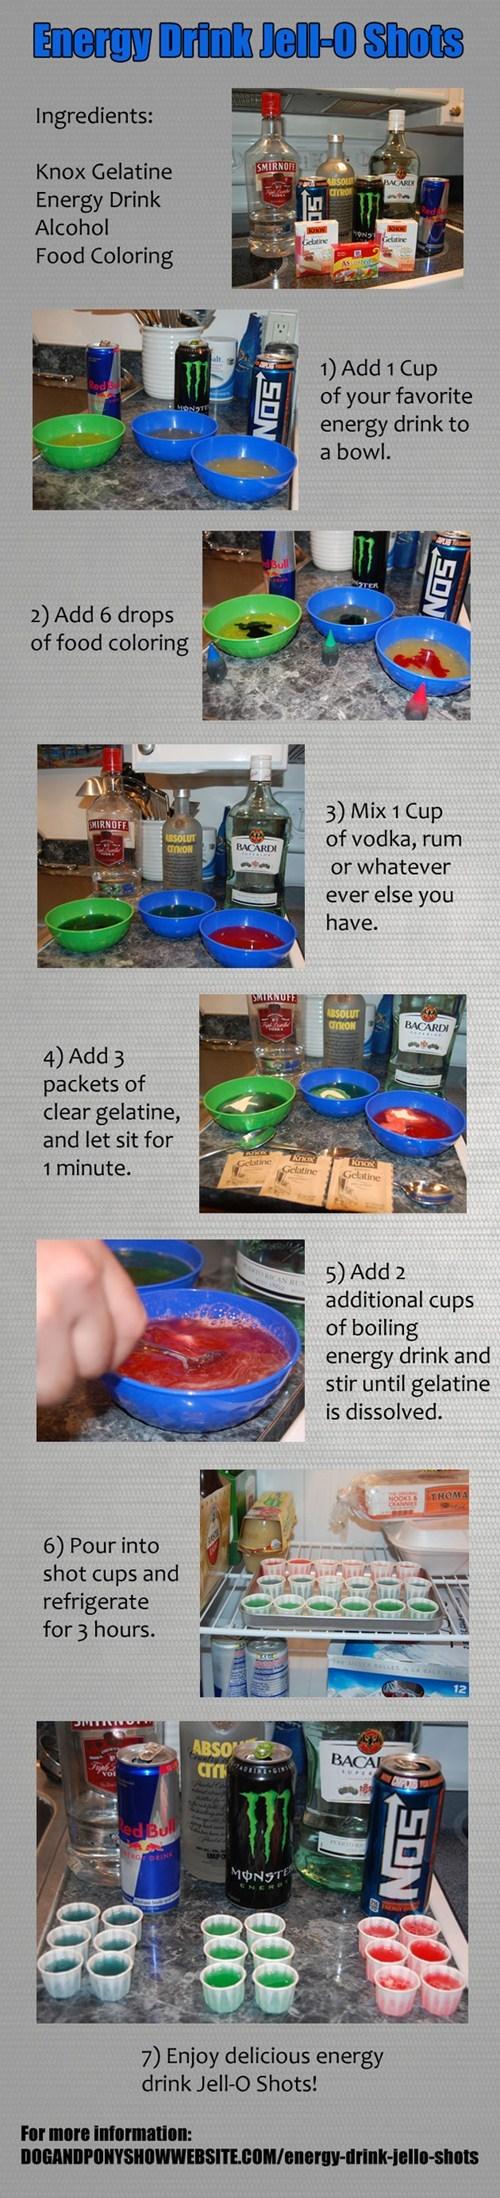 how to make red bull jell how to make red bull jell-o shots - 6554836224